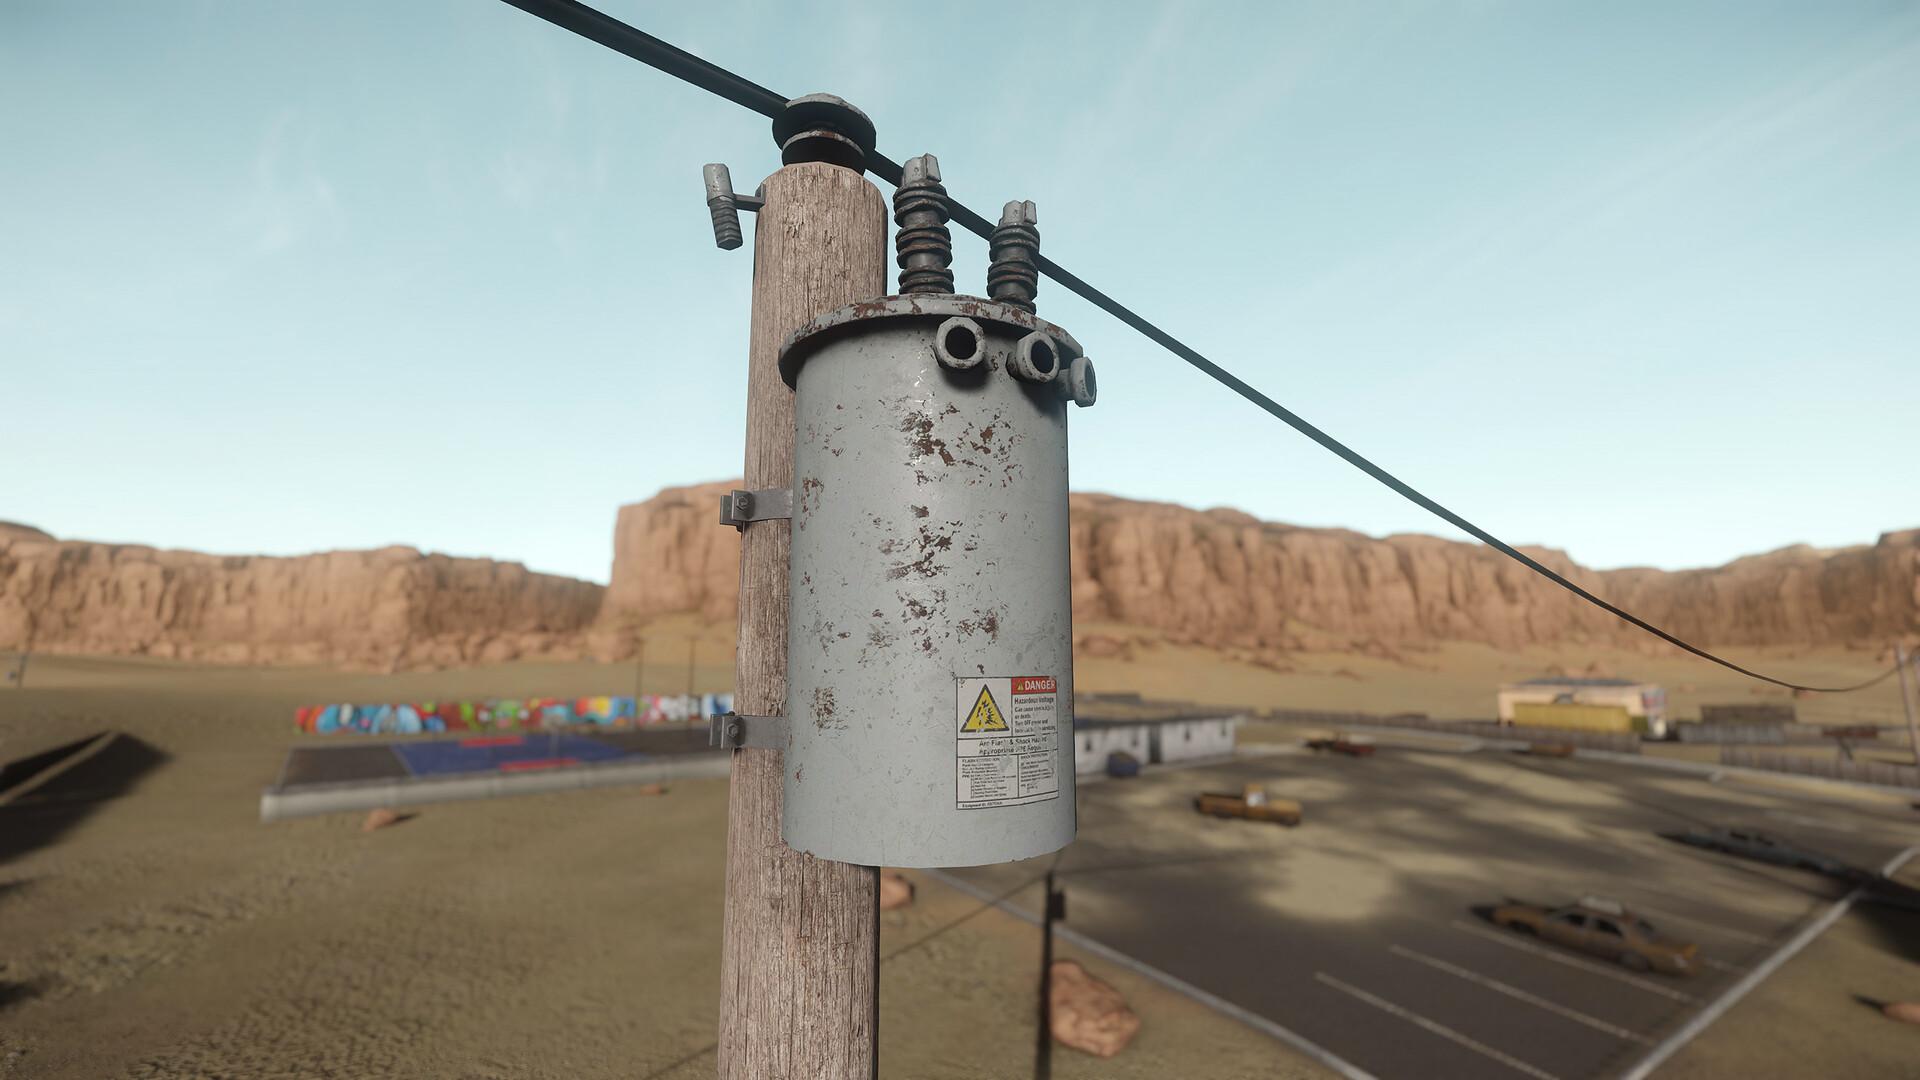 Carl kent utility pole 2